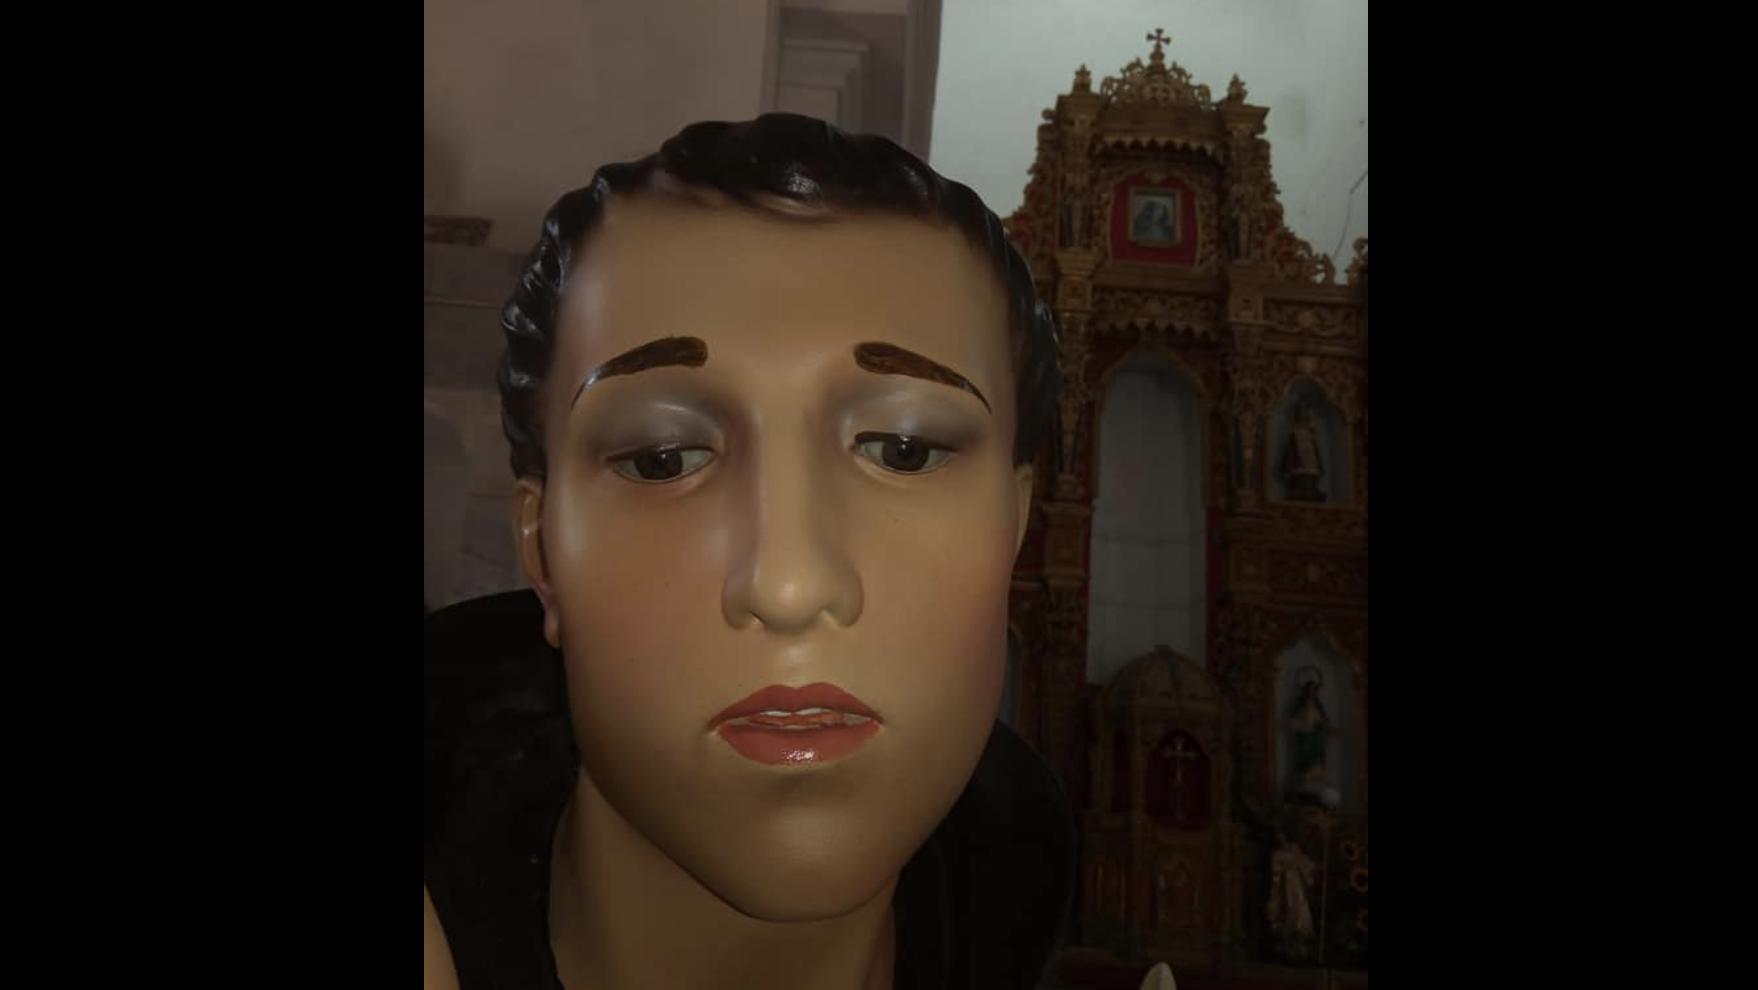 ¿Exceso de maquillaje? Feligreses, indignados por la extraña restauración de un santo